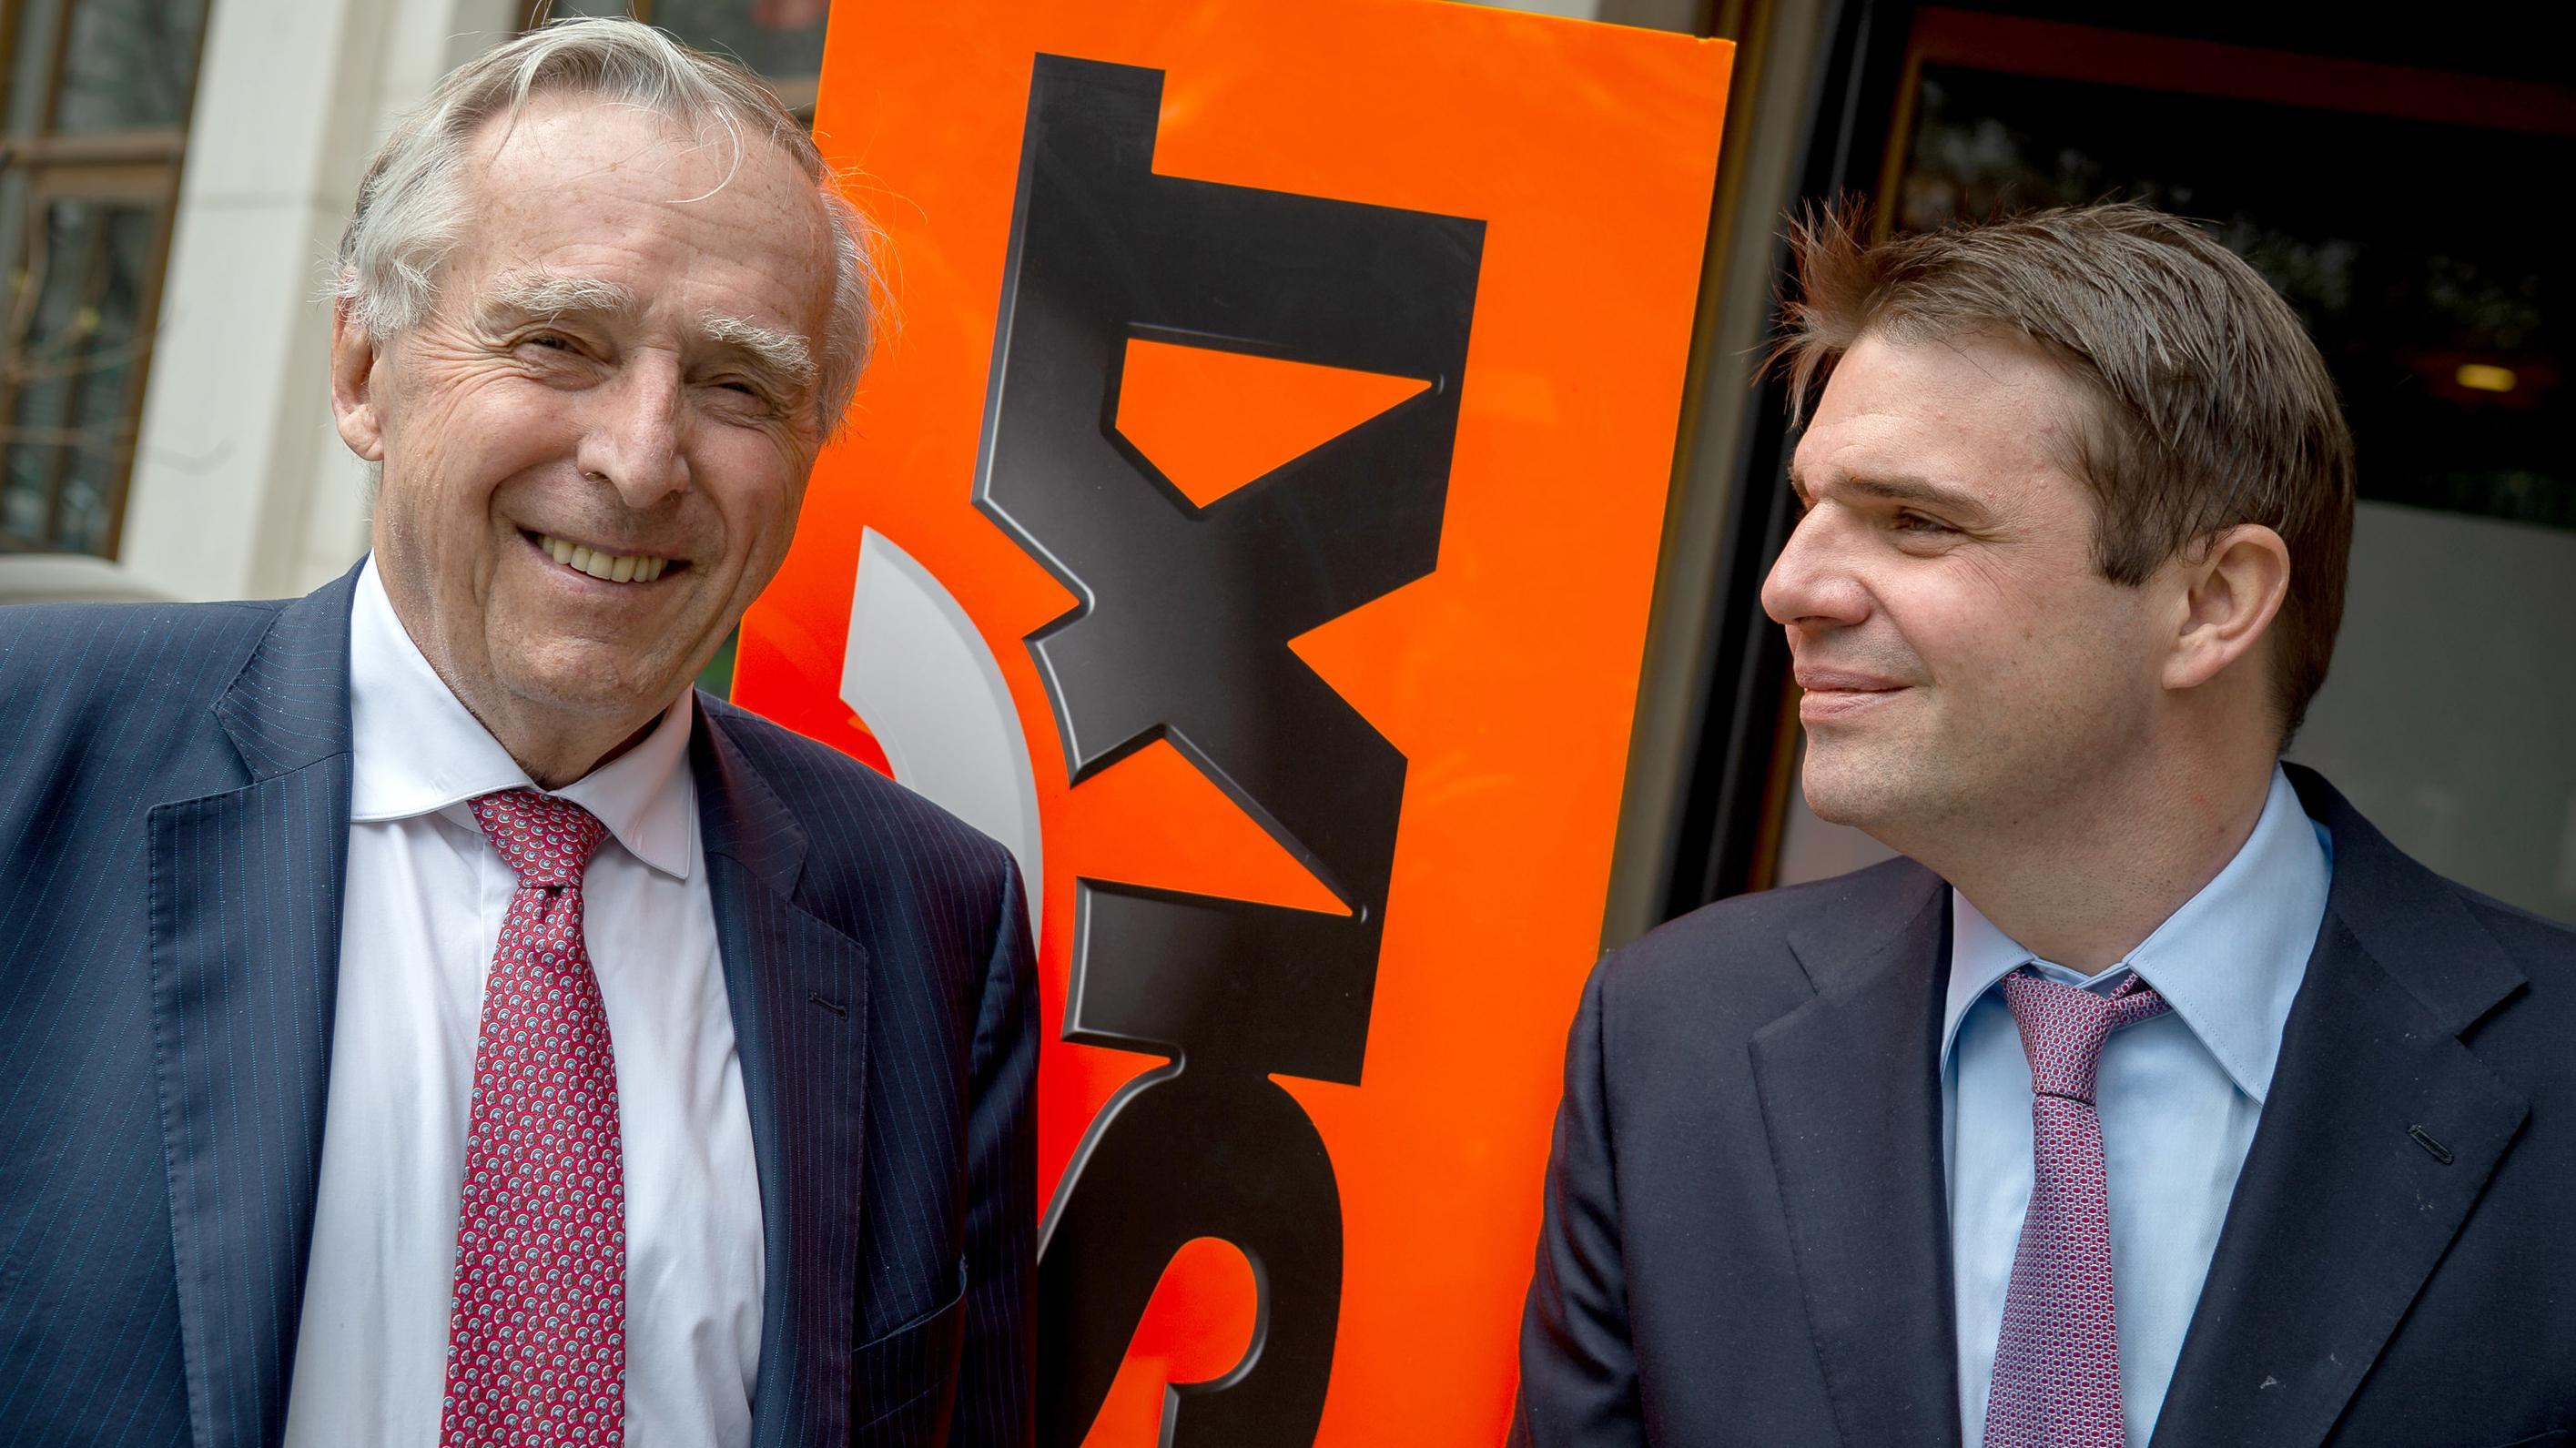 Alexander Sixt (r), Strategievorstand von Sixt, und Erich Sixt, Vorstandschef